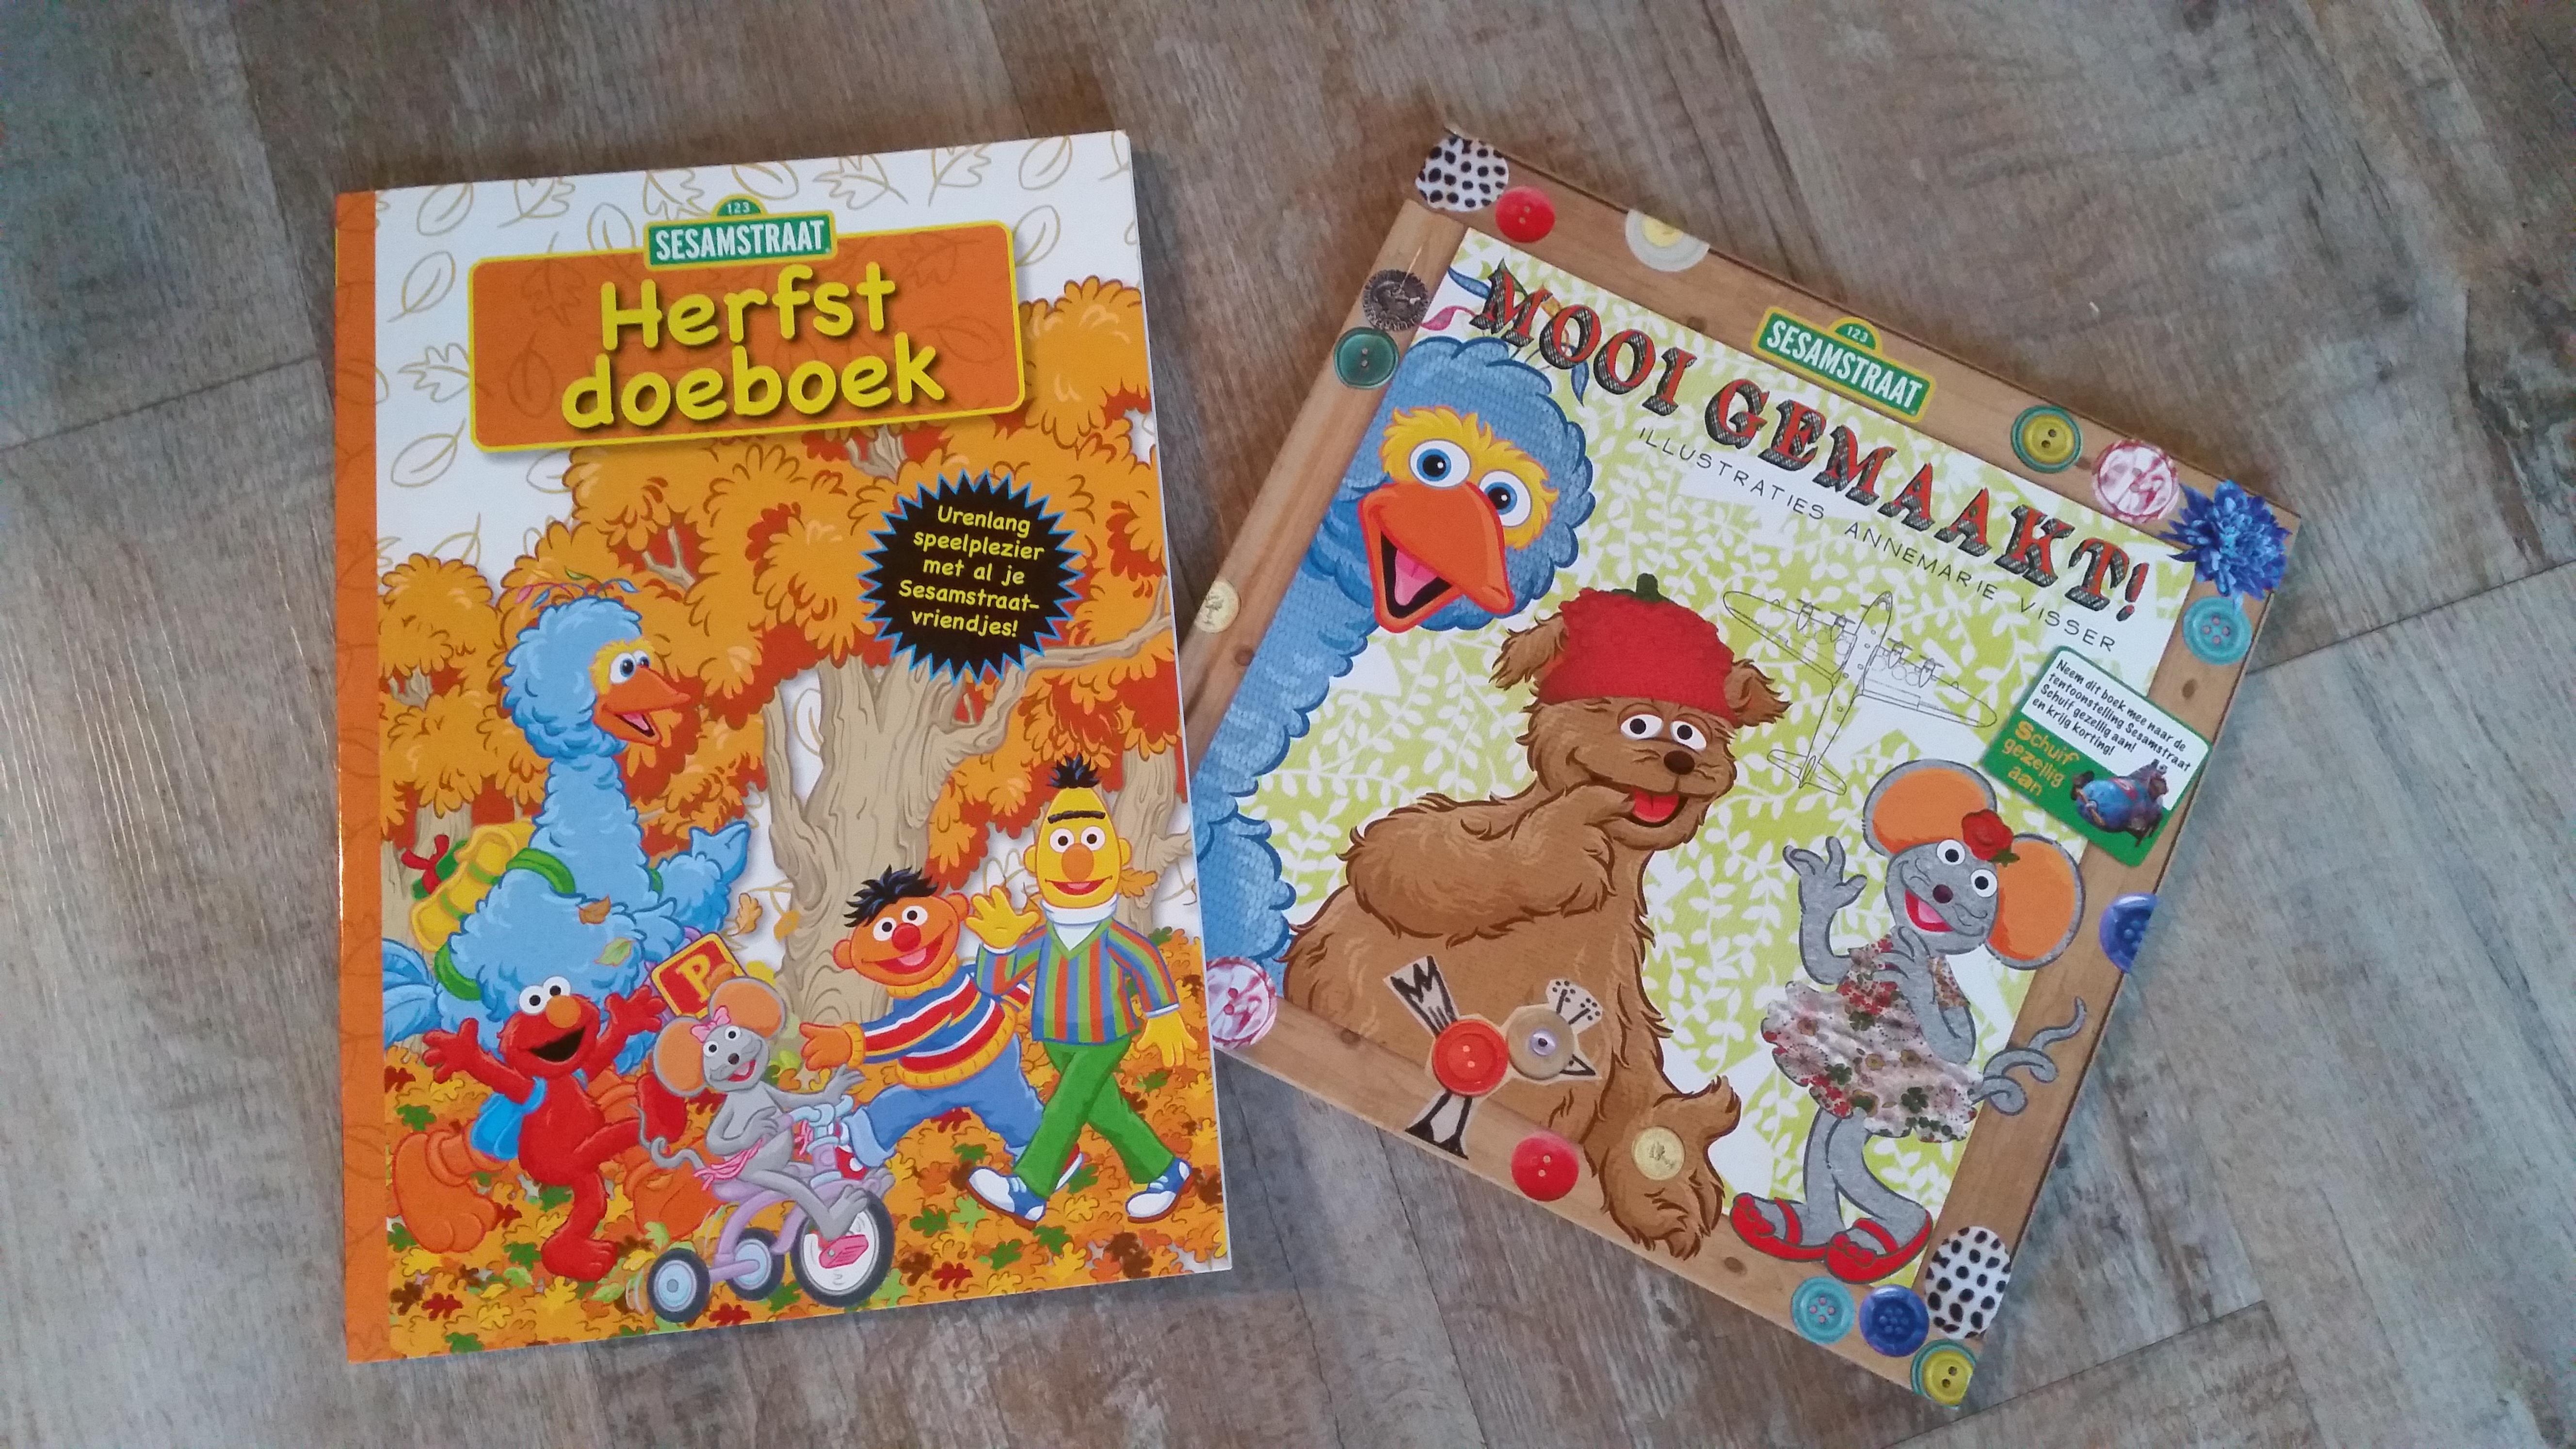 c89396be45a sesamstraat Herfstboek | JouwVeilingen.nl webshop